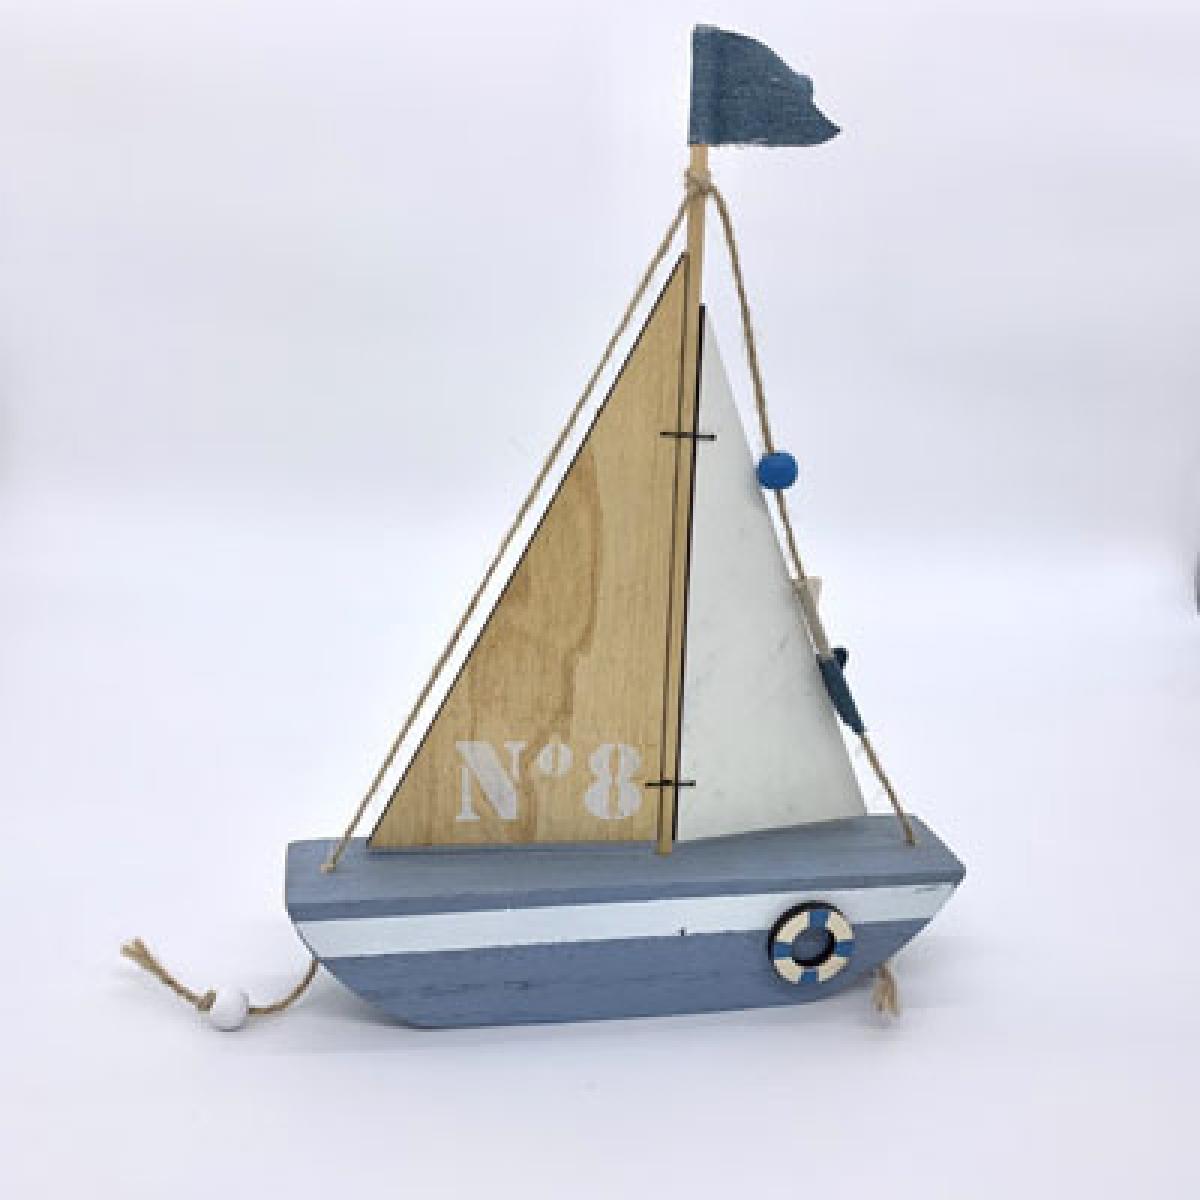 Barco à Vela Azul nº 8